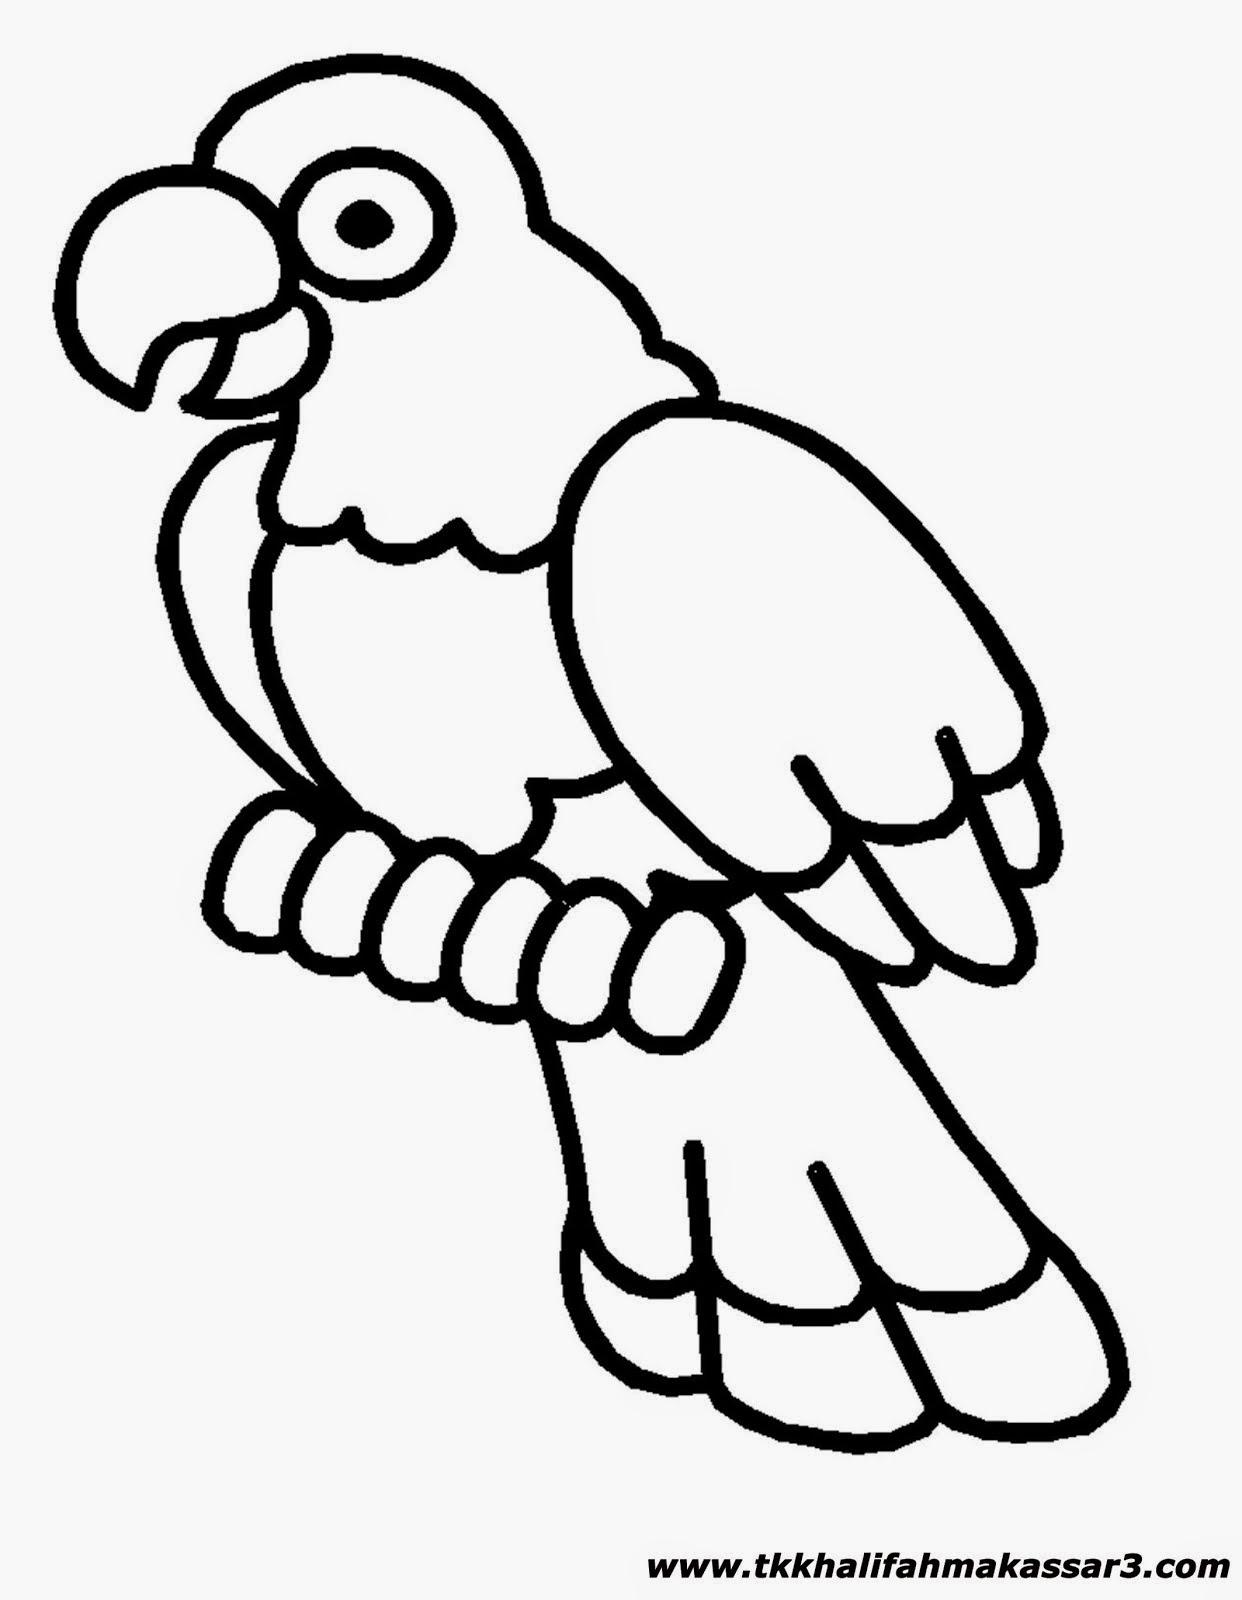 Gambar Mewarnai Burung